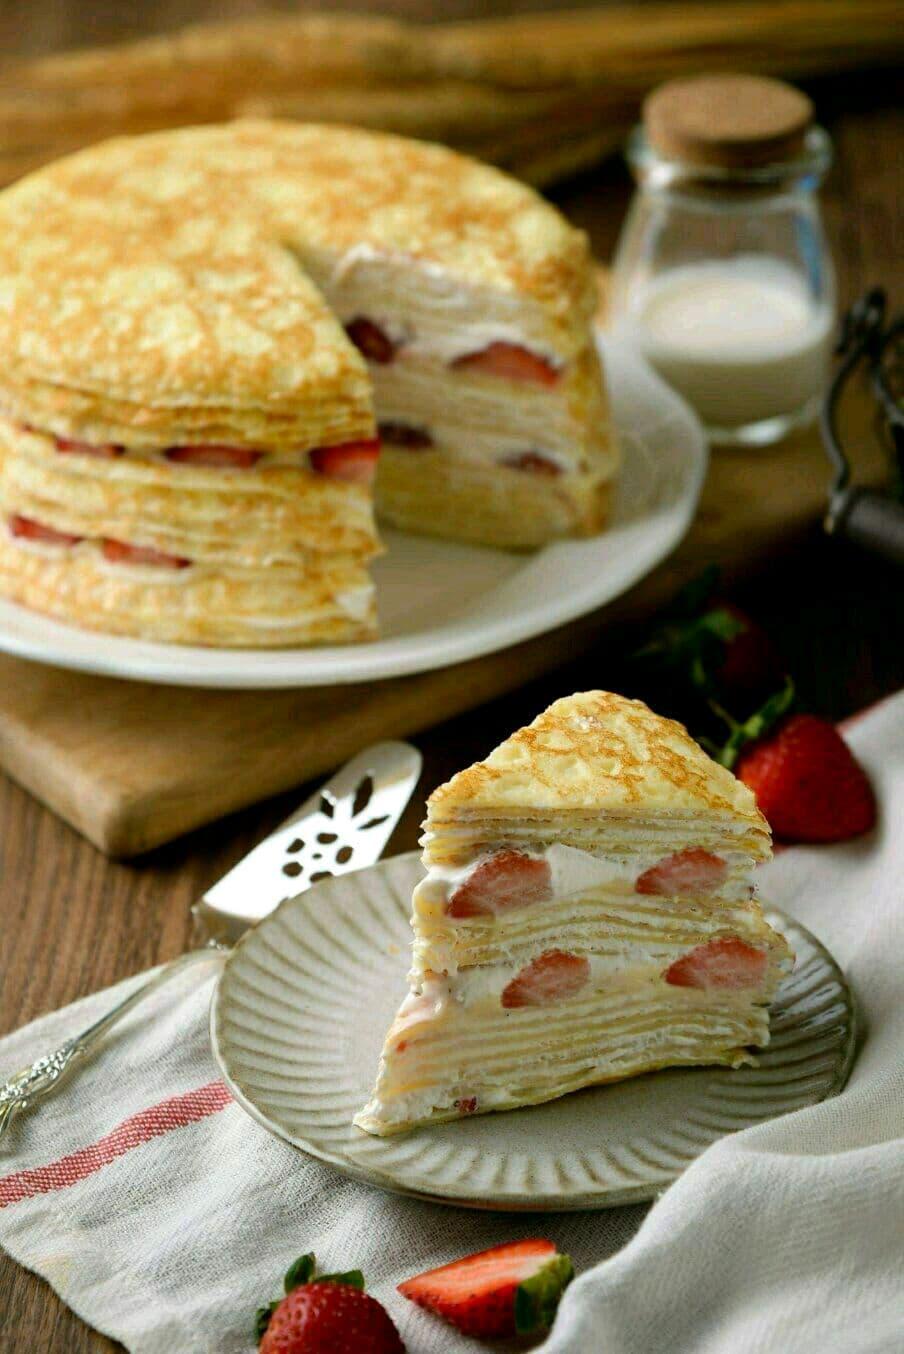 【 草莓千層蛋糕】 ⛄冬季限定❄️ 法式千層首選  6吋 1